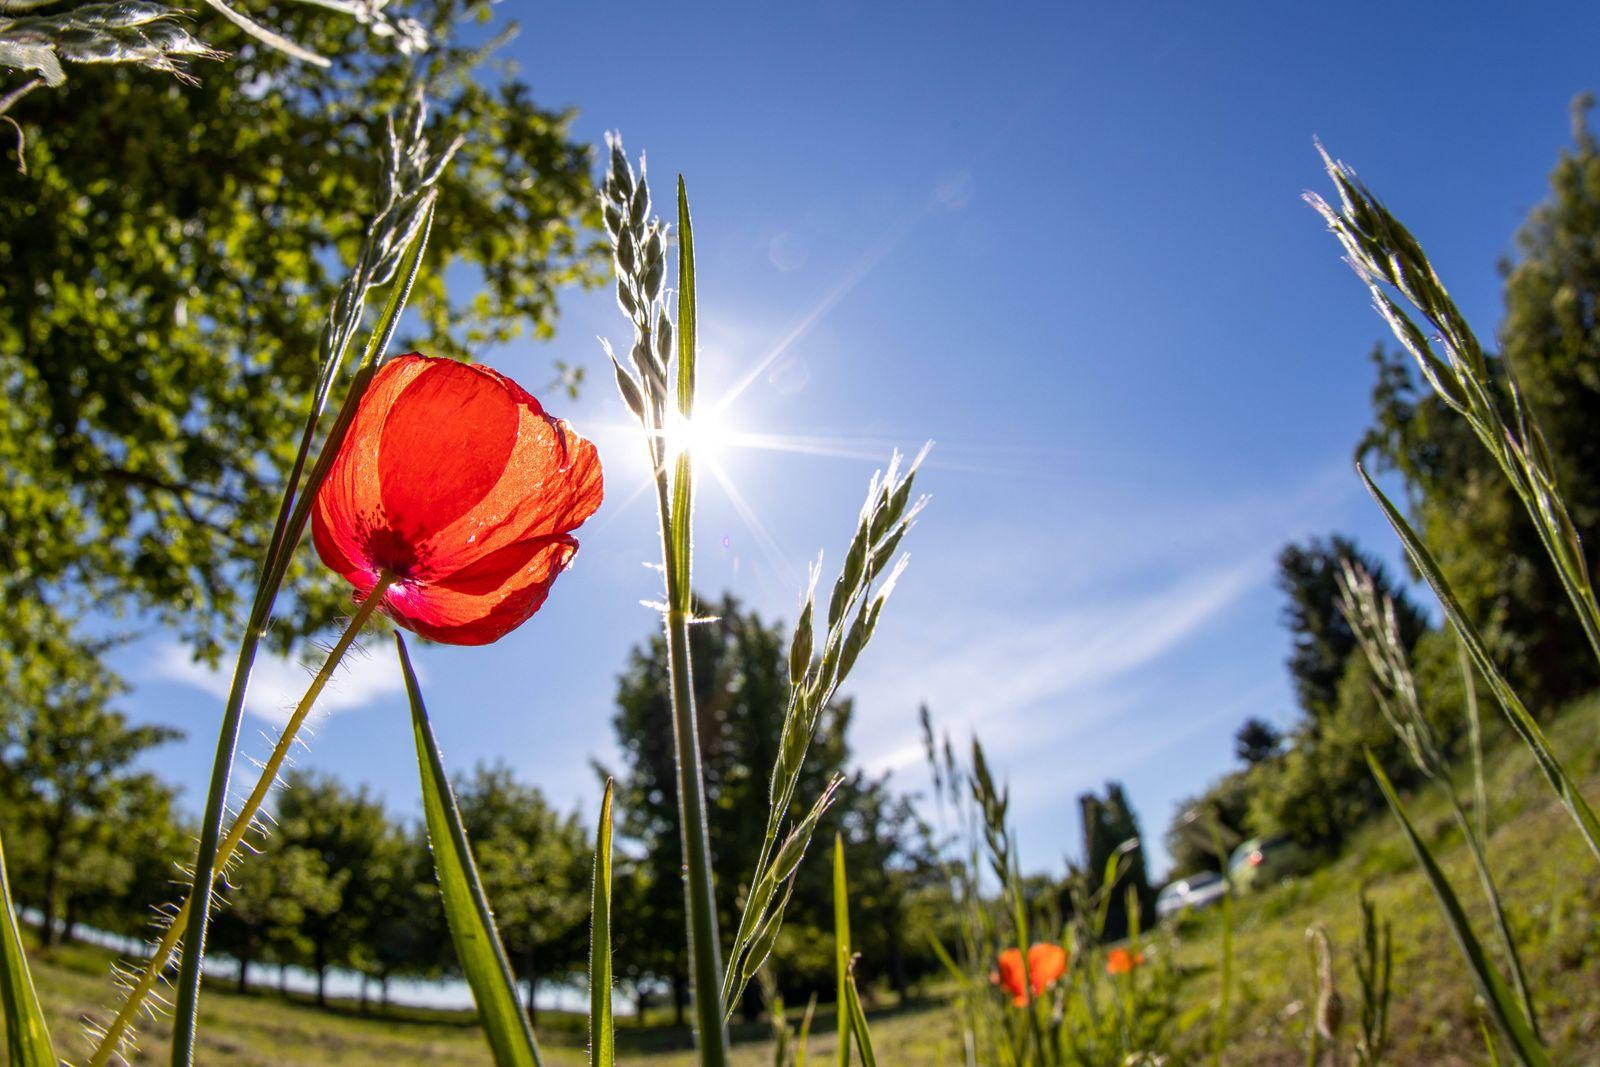 Sommerliches Wetter 19.05.2020, Bad Homburg (Hessen): Blühender Klatschmohn bei Sonnenschein auf einem Feld. Für die nä